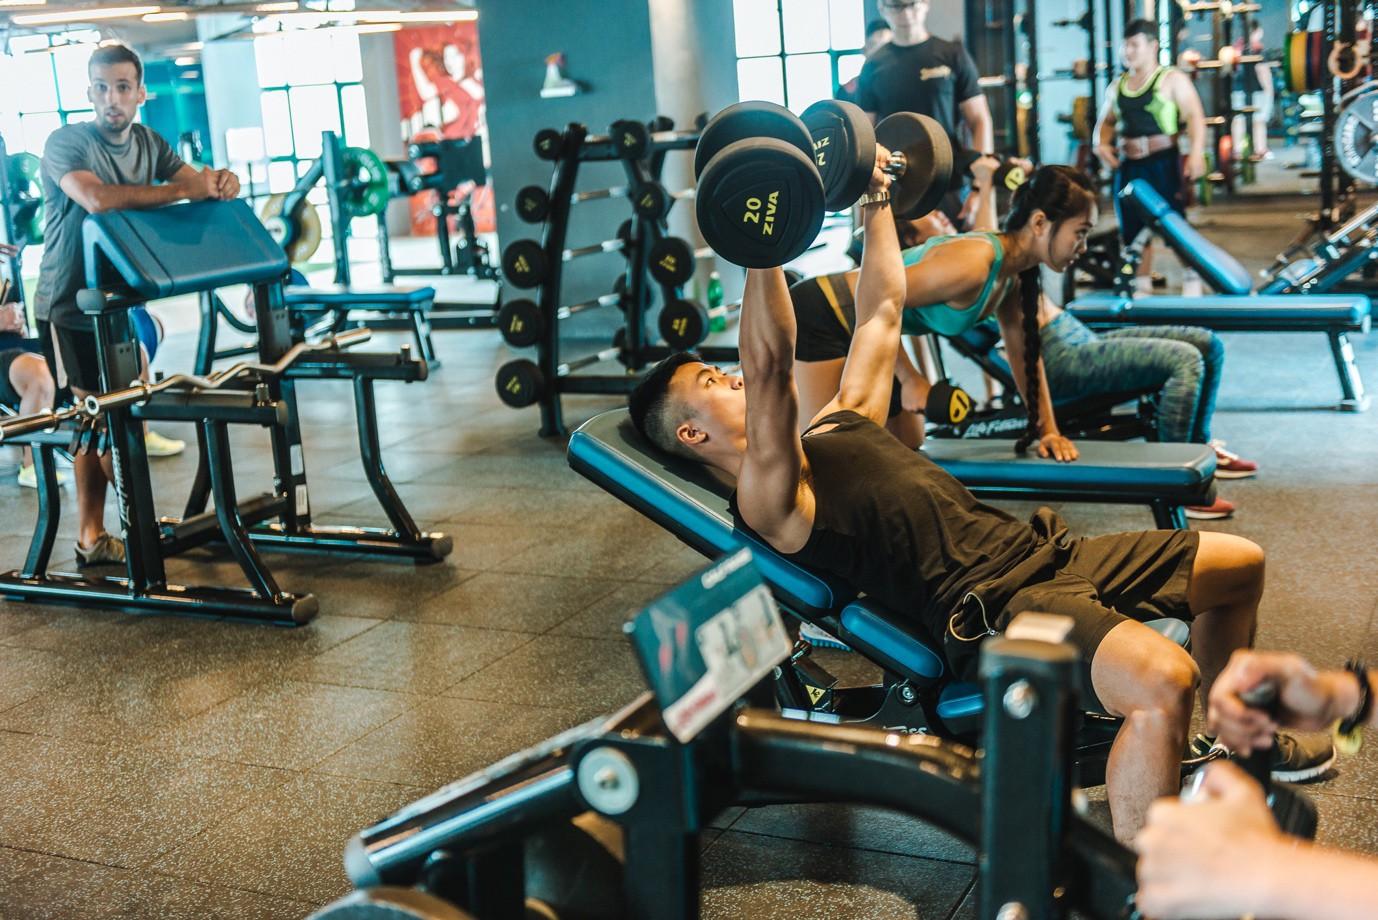 Ảnh tập gym đẹp ngầu